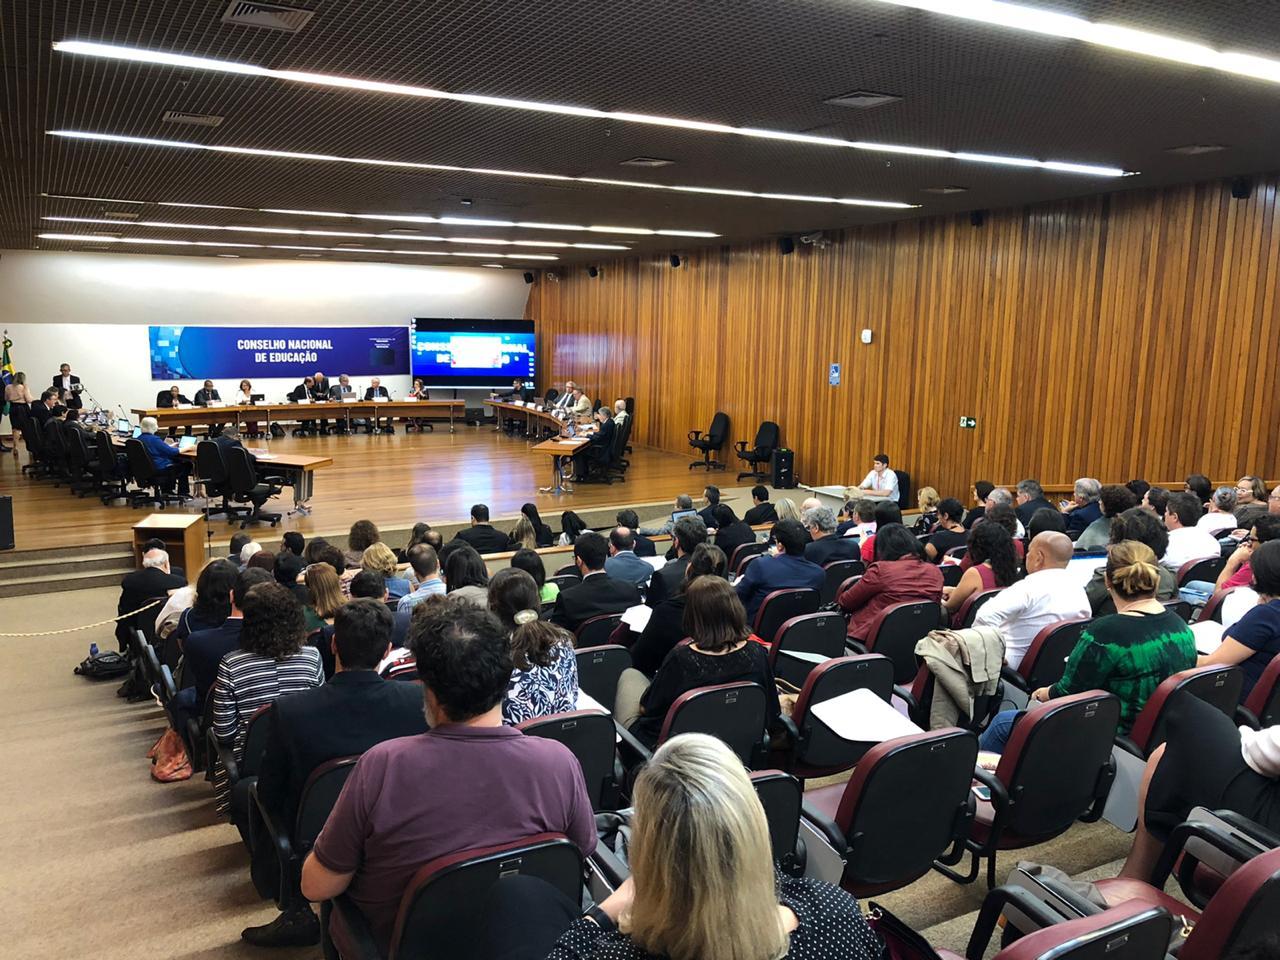 Diretrizes Curriculares Nacionais e Base da formação docente é tema de audiência pública no CNE